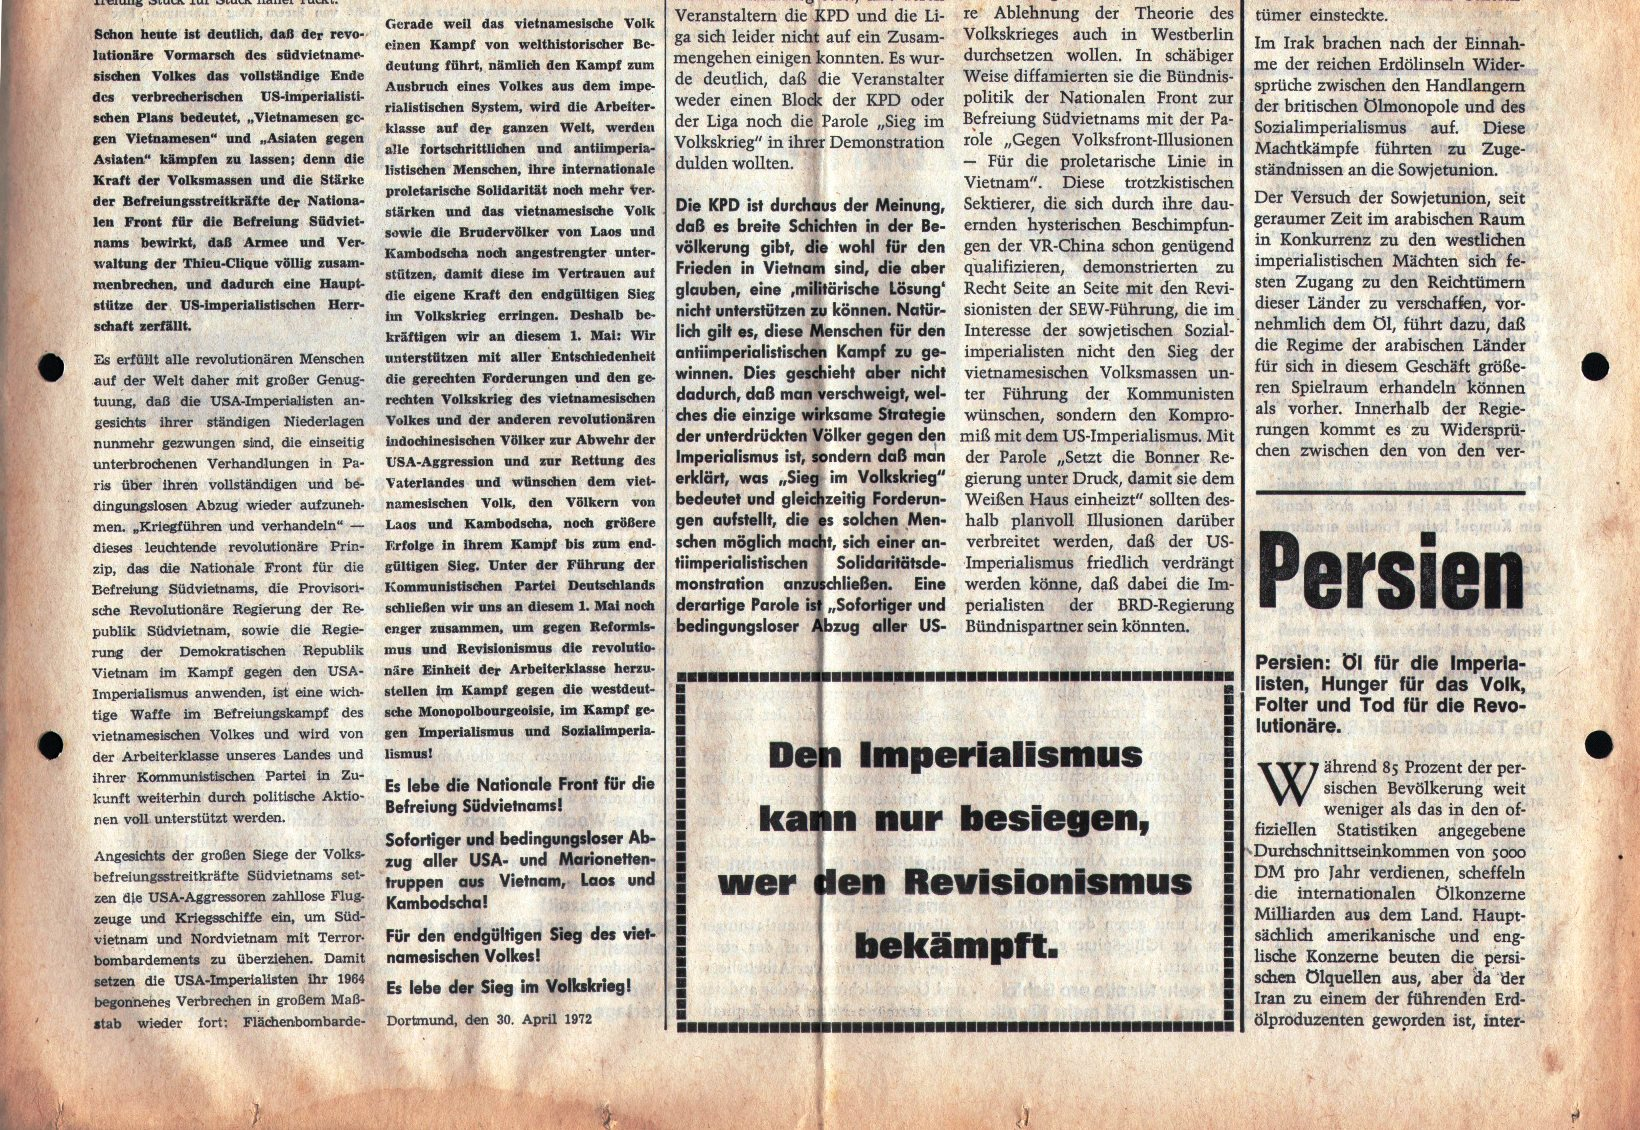 KPD_Rote_Fahne_1972_42_12